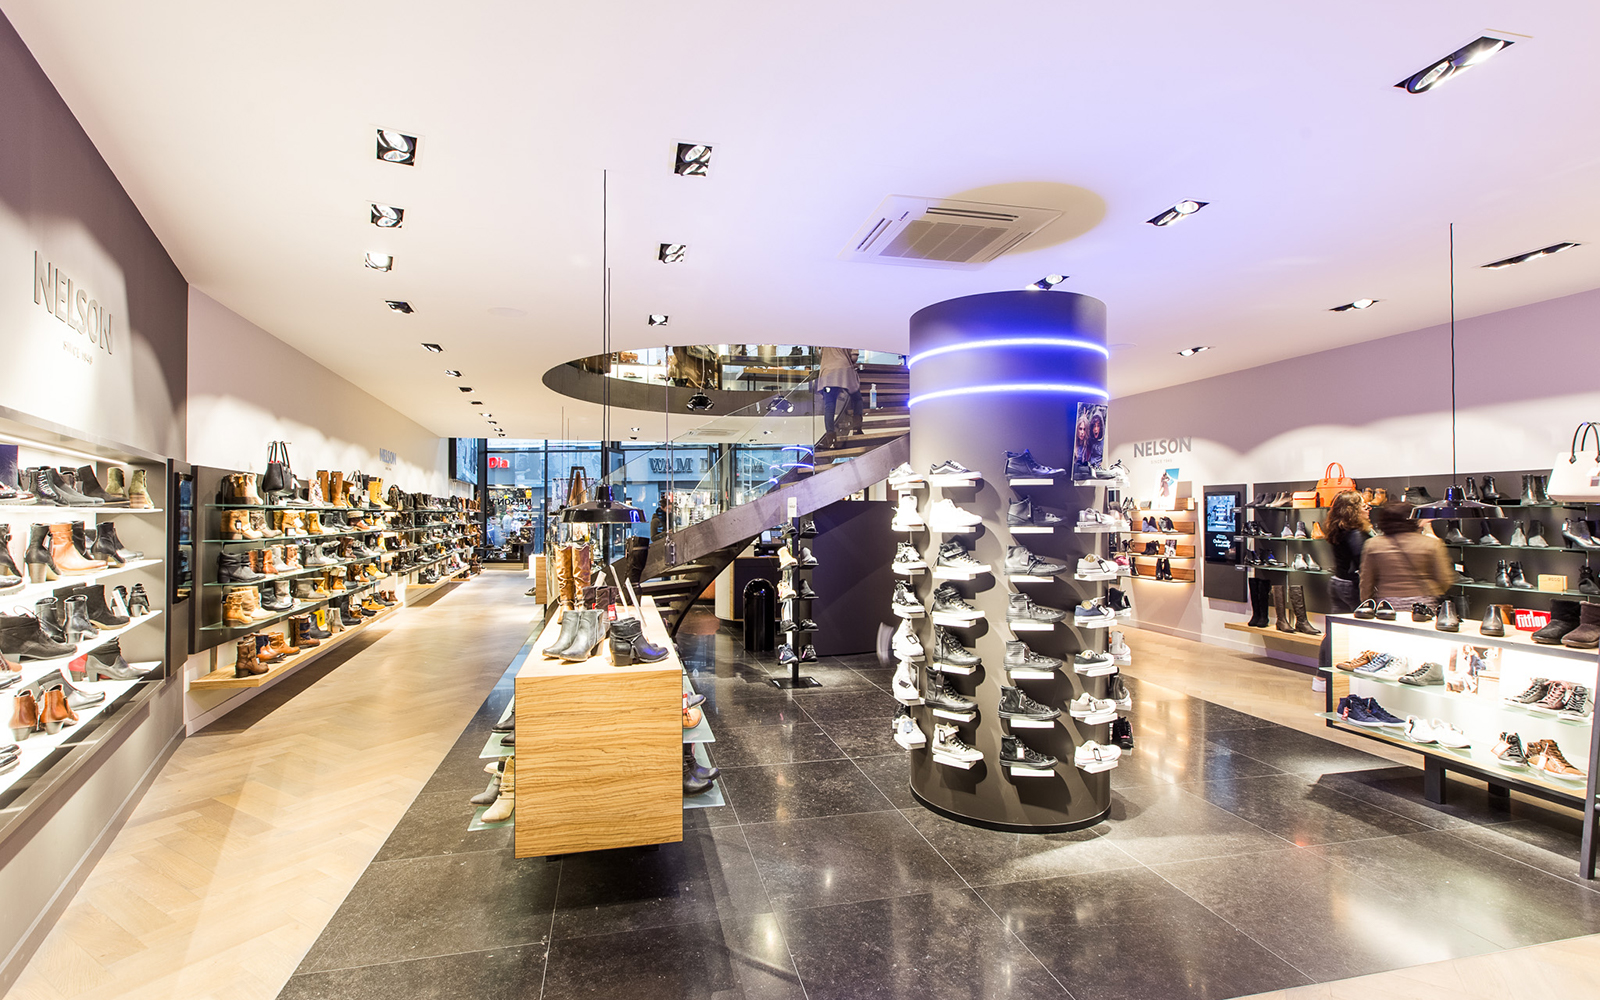 Belgisch hardsteen, Van den Heuvel & Van Duuren, Nelson schoenenwinkel, natuursteen